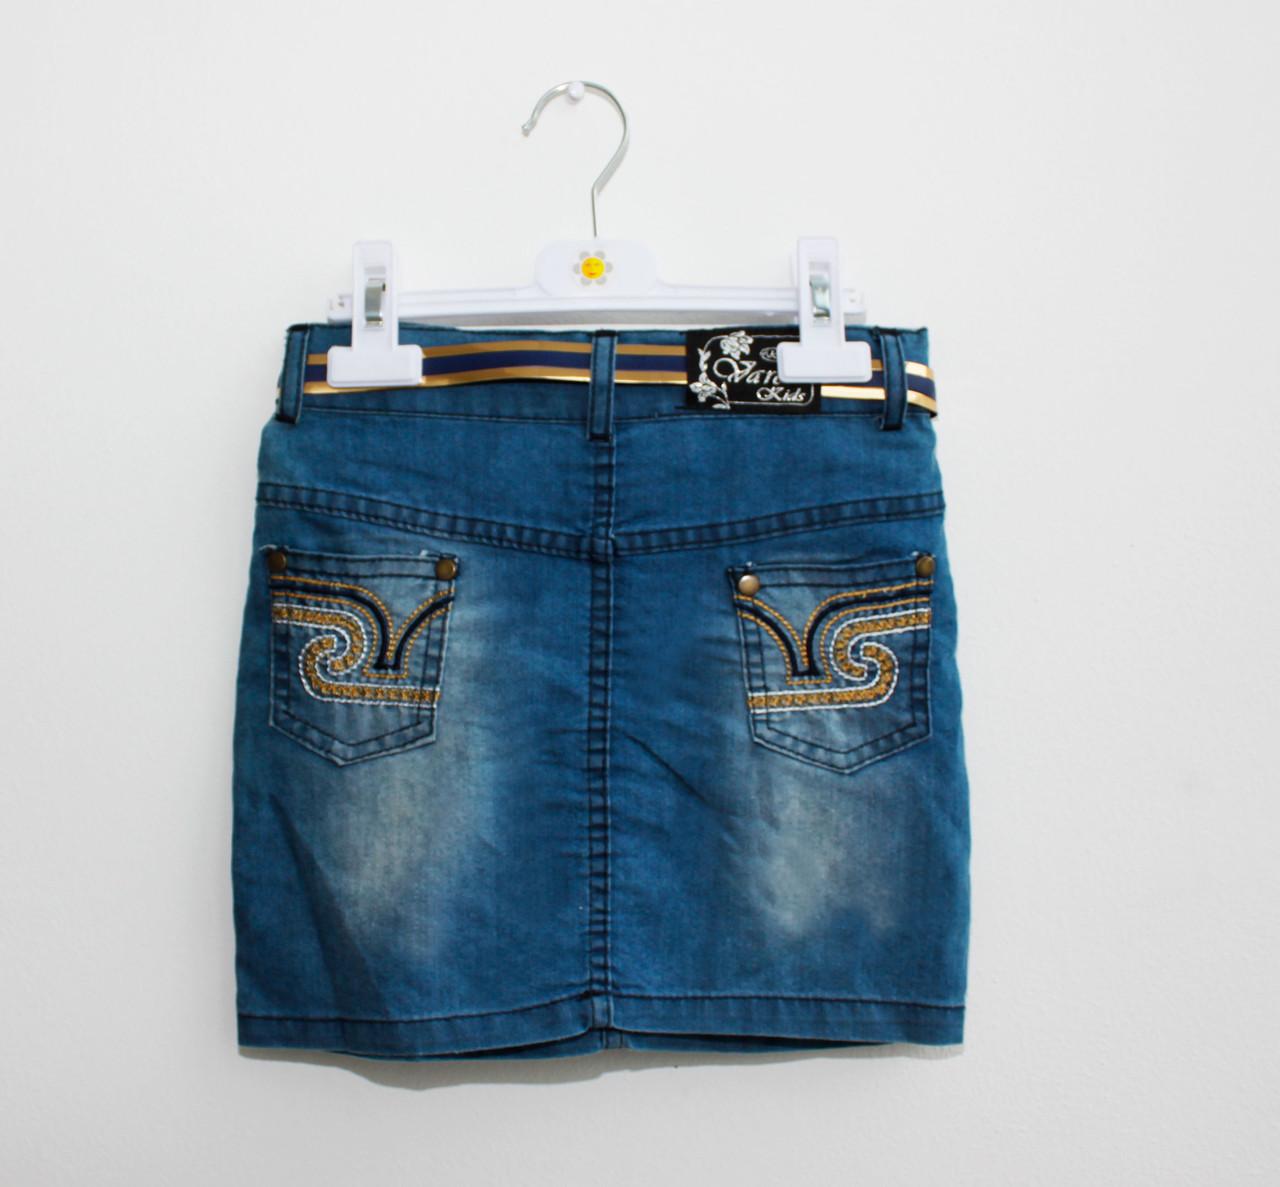 Купить юбку для девочки 12 лет